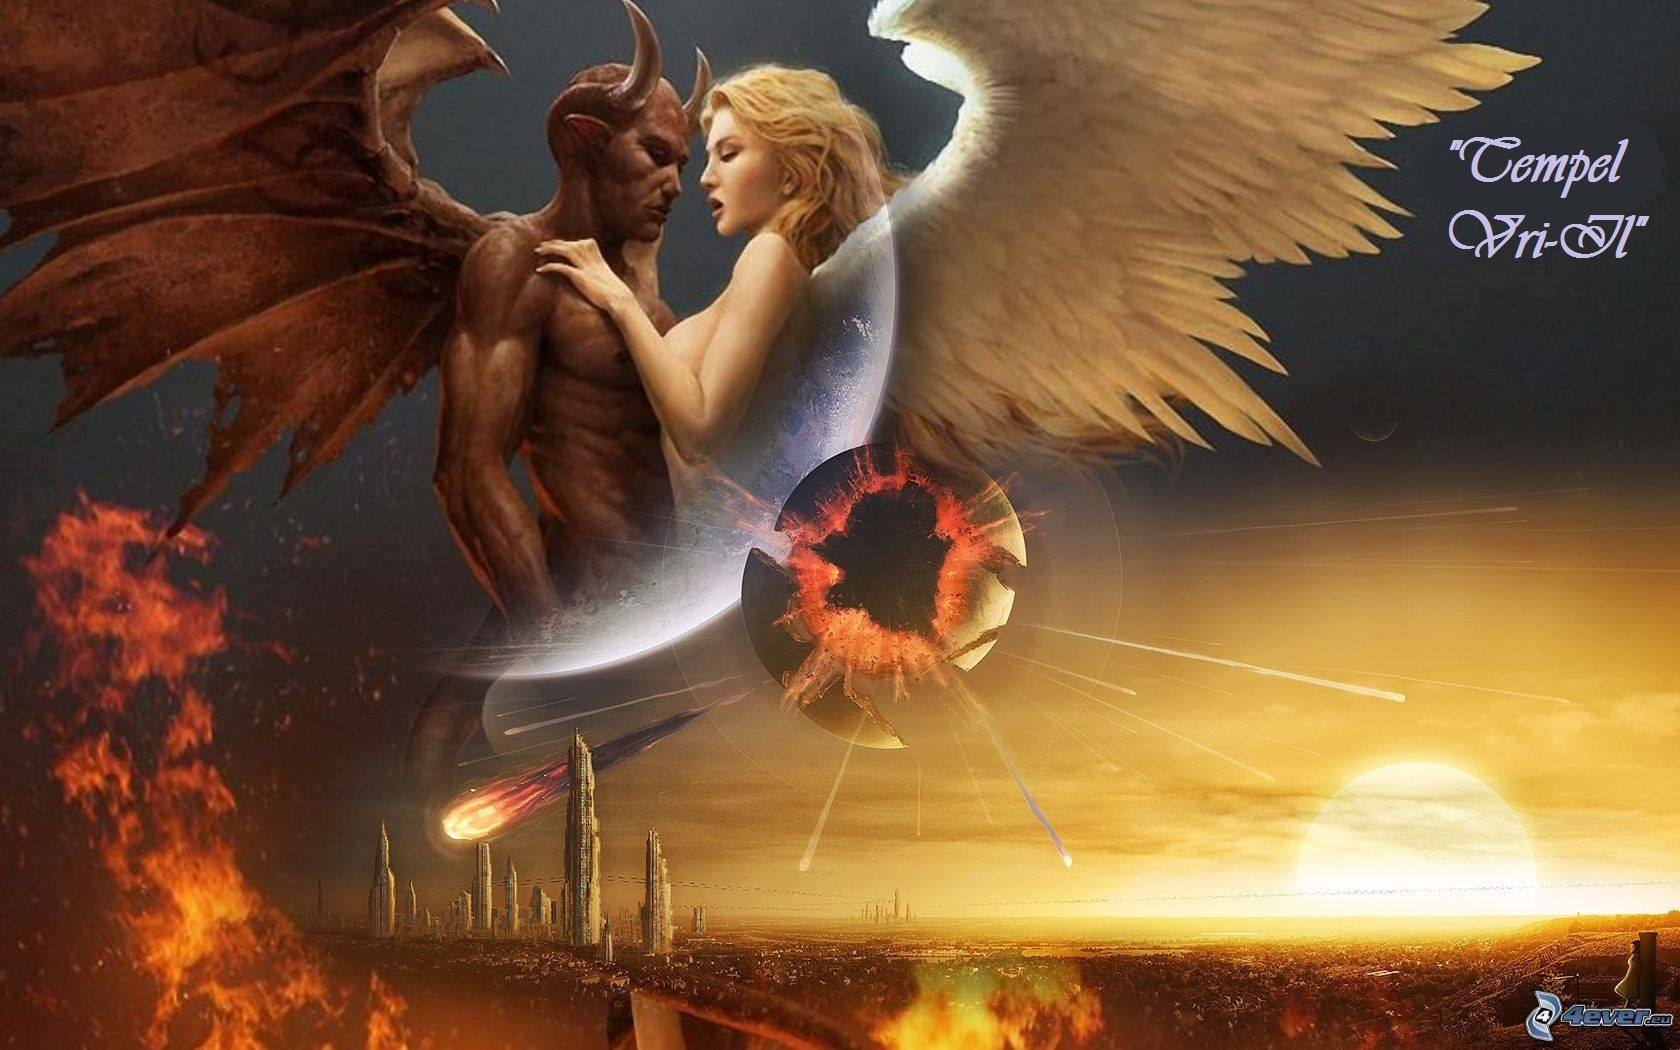 Картинка ангел и демон, картинка шторы картинки